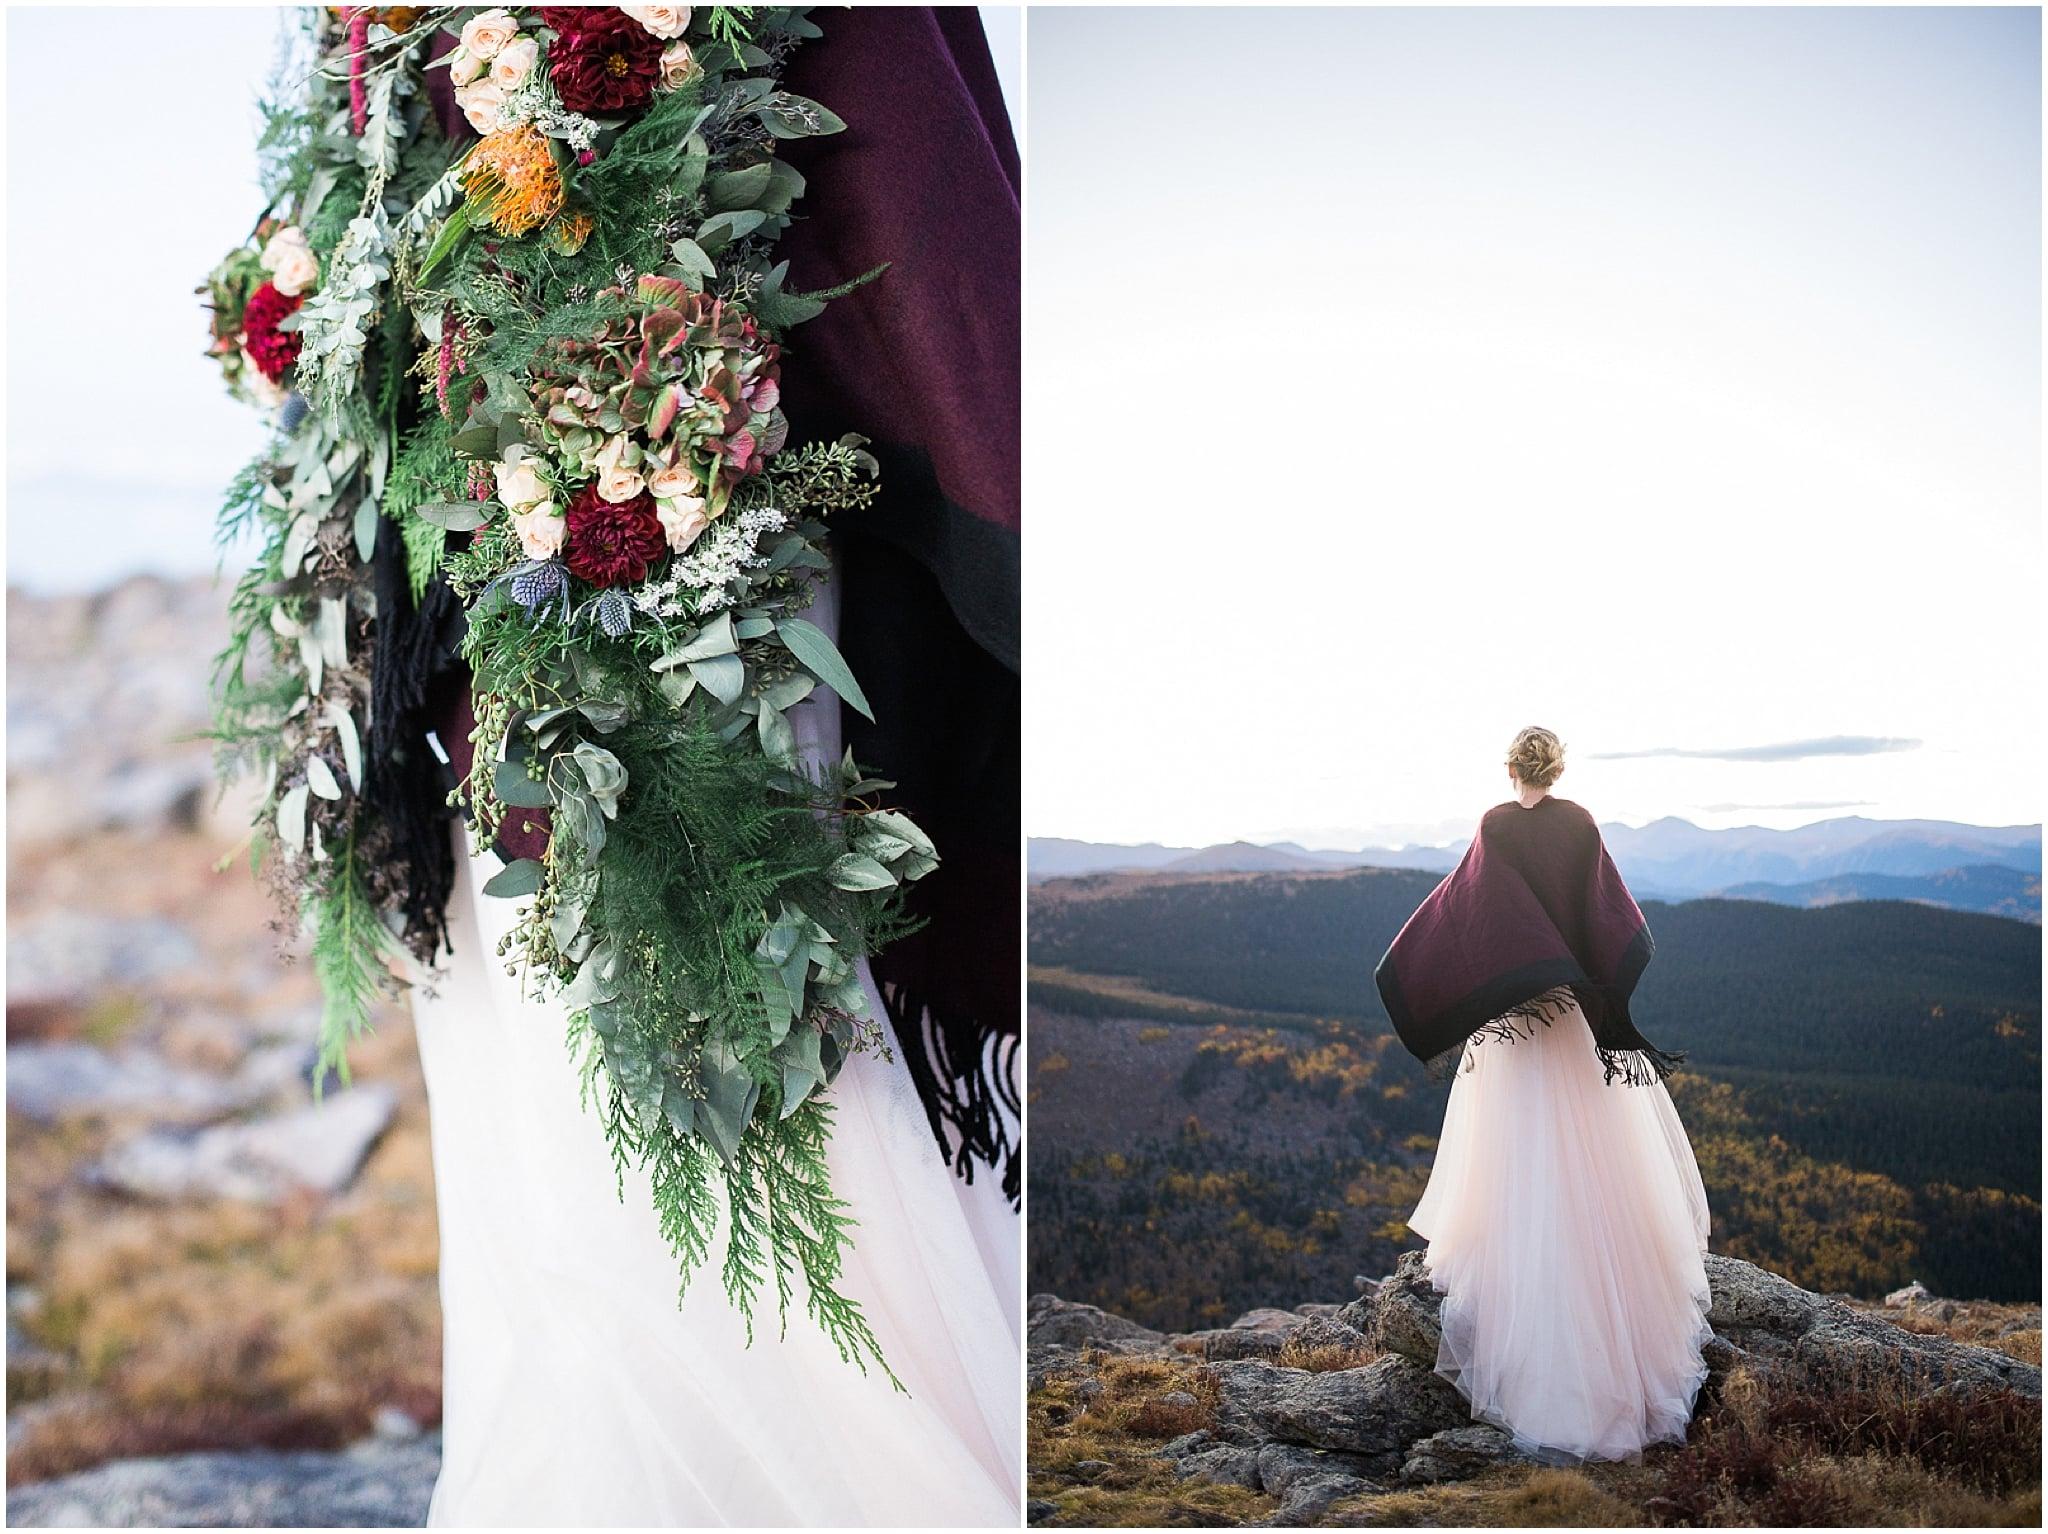 Colorado Mountain Wedding Photographer - mountain top bridal pictures